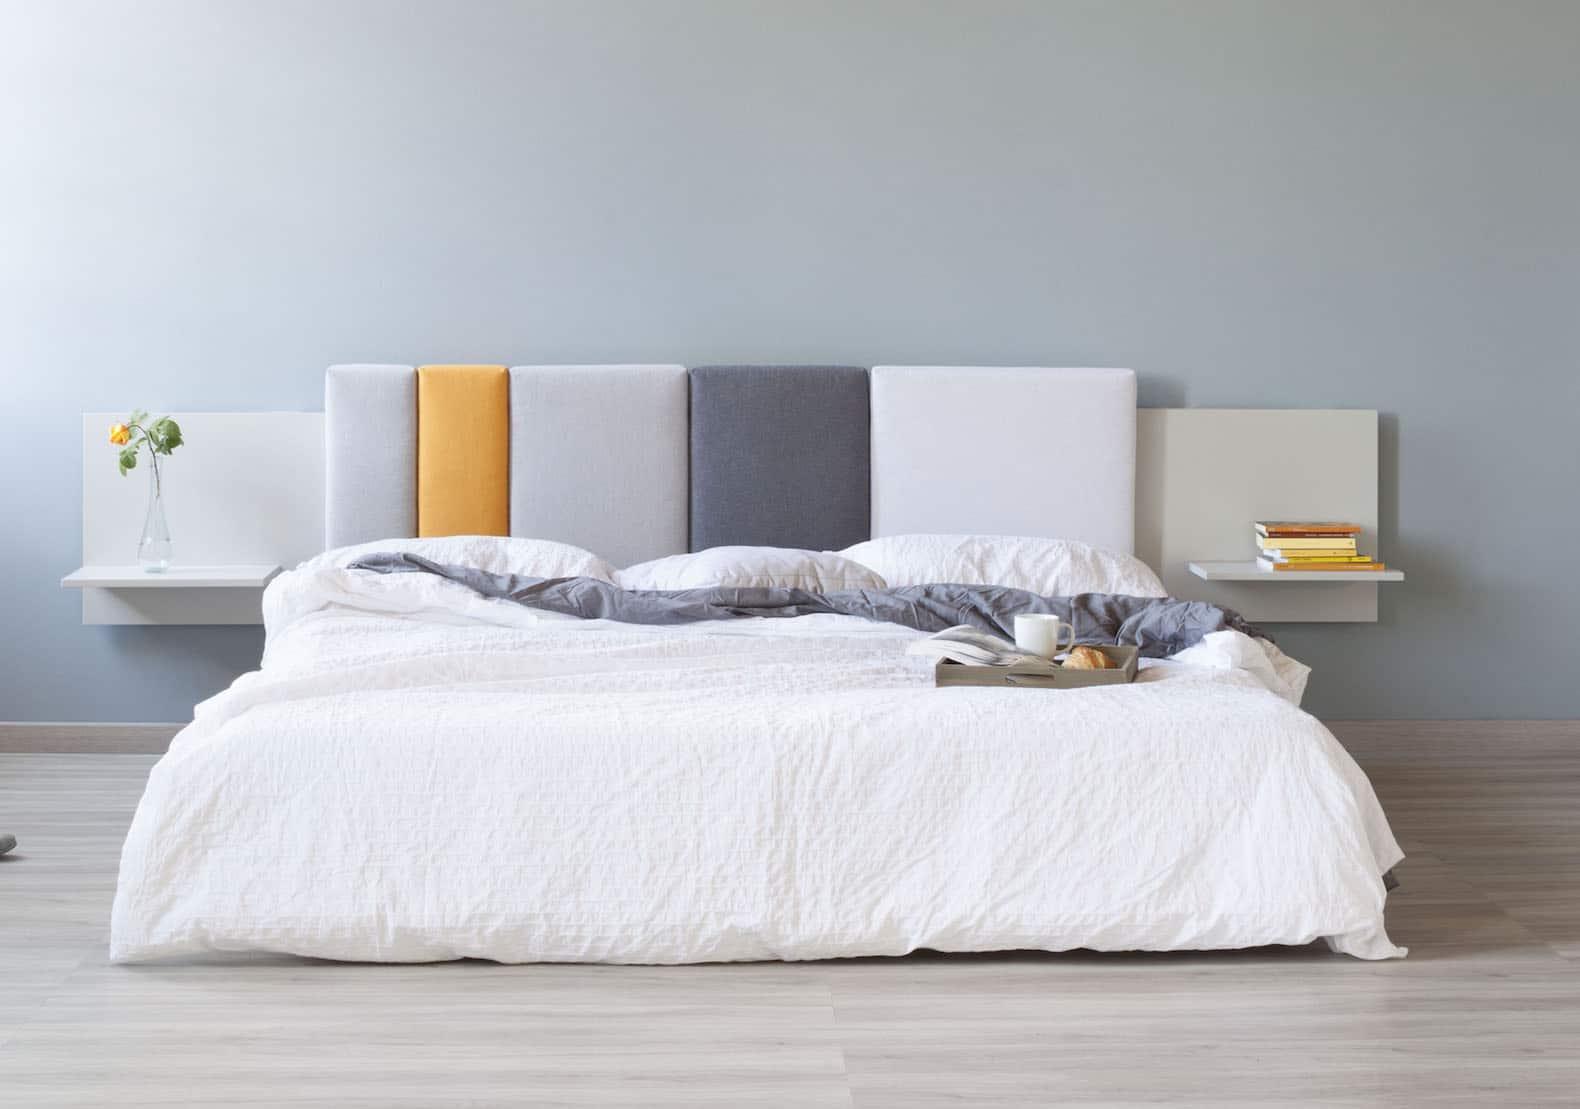 Una camera da letto confortevole e bella basta qualche trucchetto - Testiera letto a muro ...